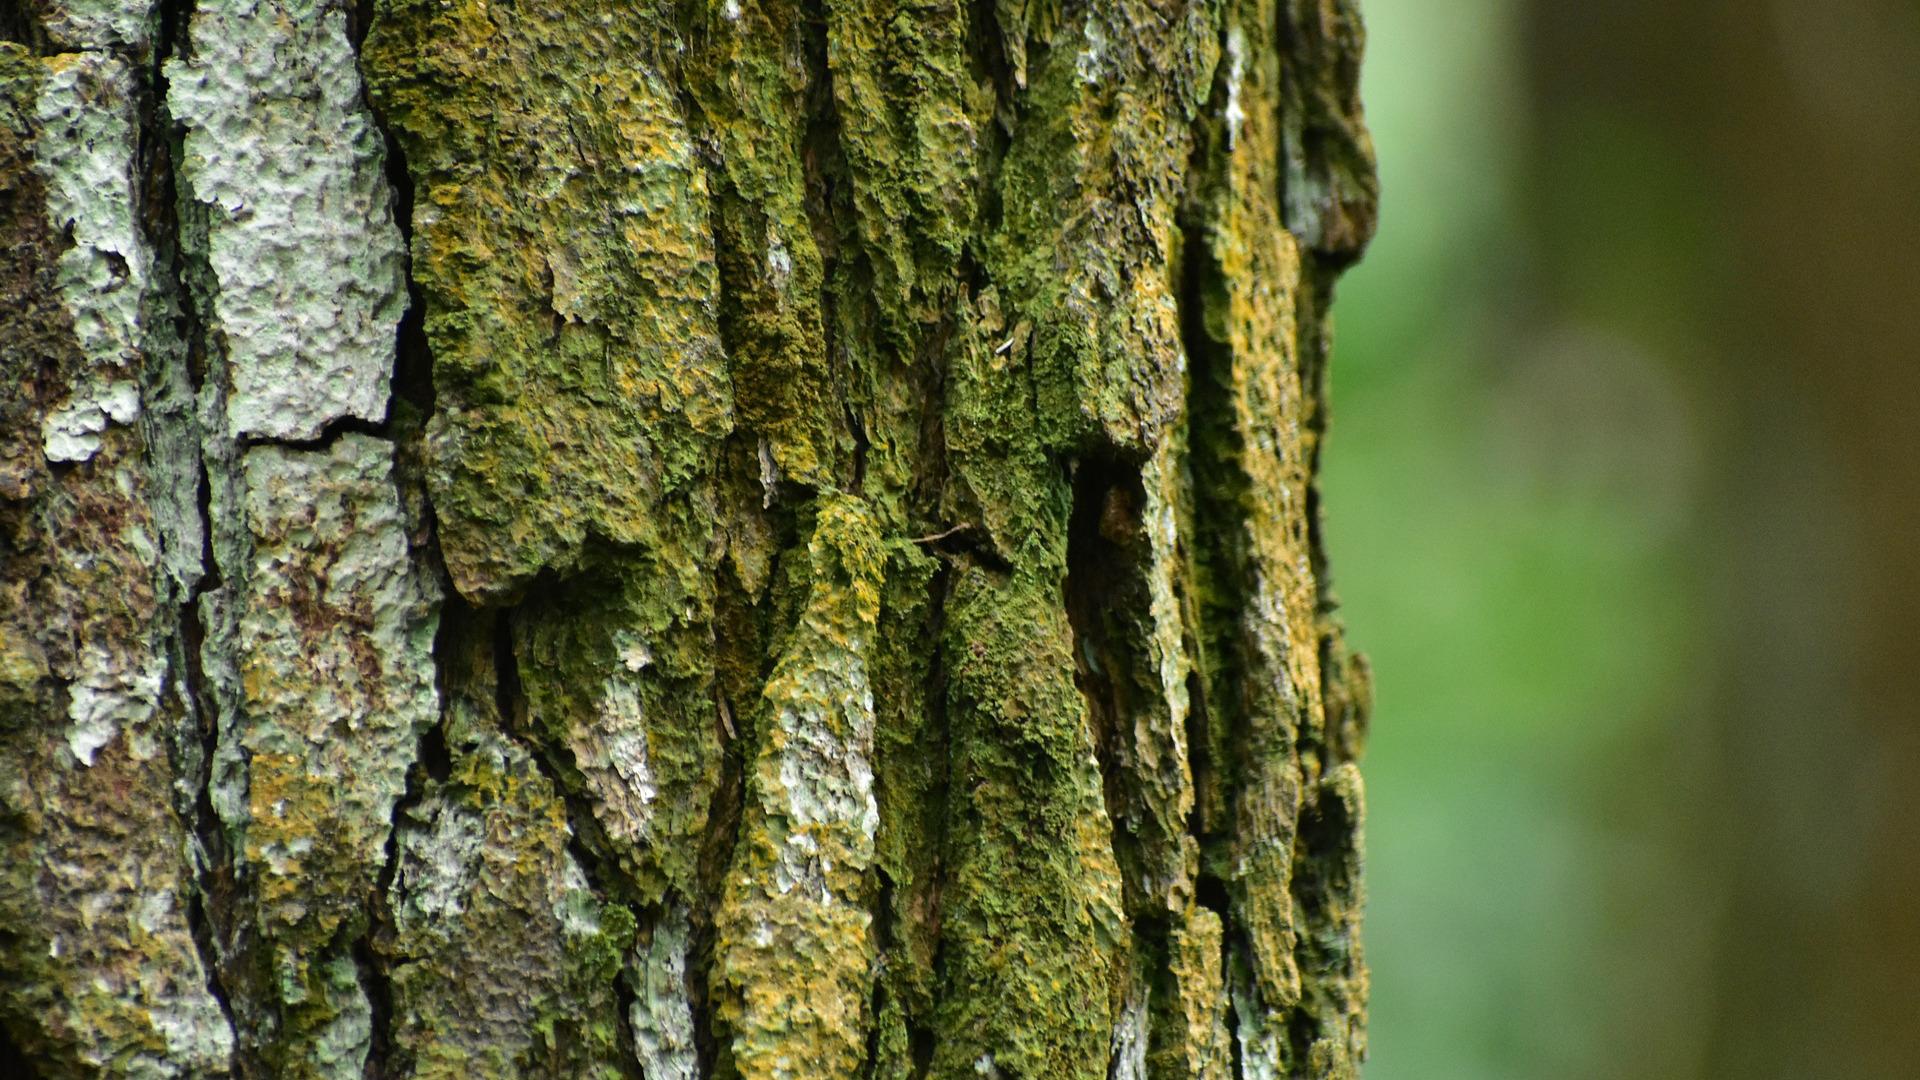 hasta-el-20-de-noviembre-para-postularse-al-premio-proyecto-innovador-forestal-2018